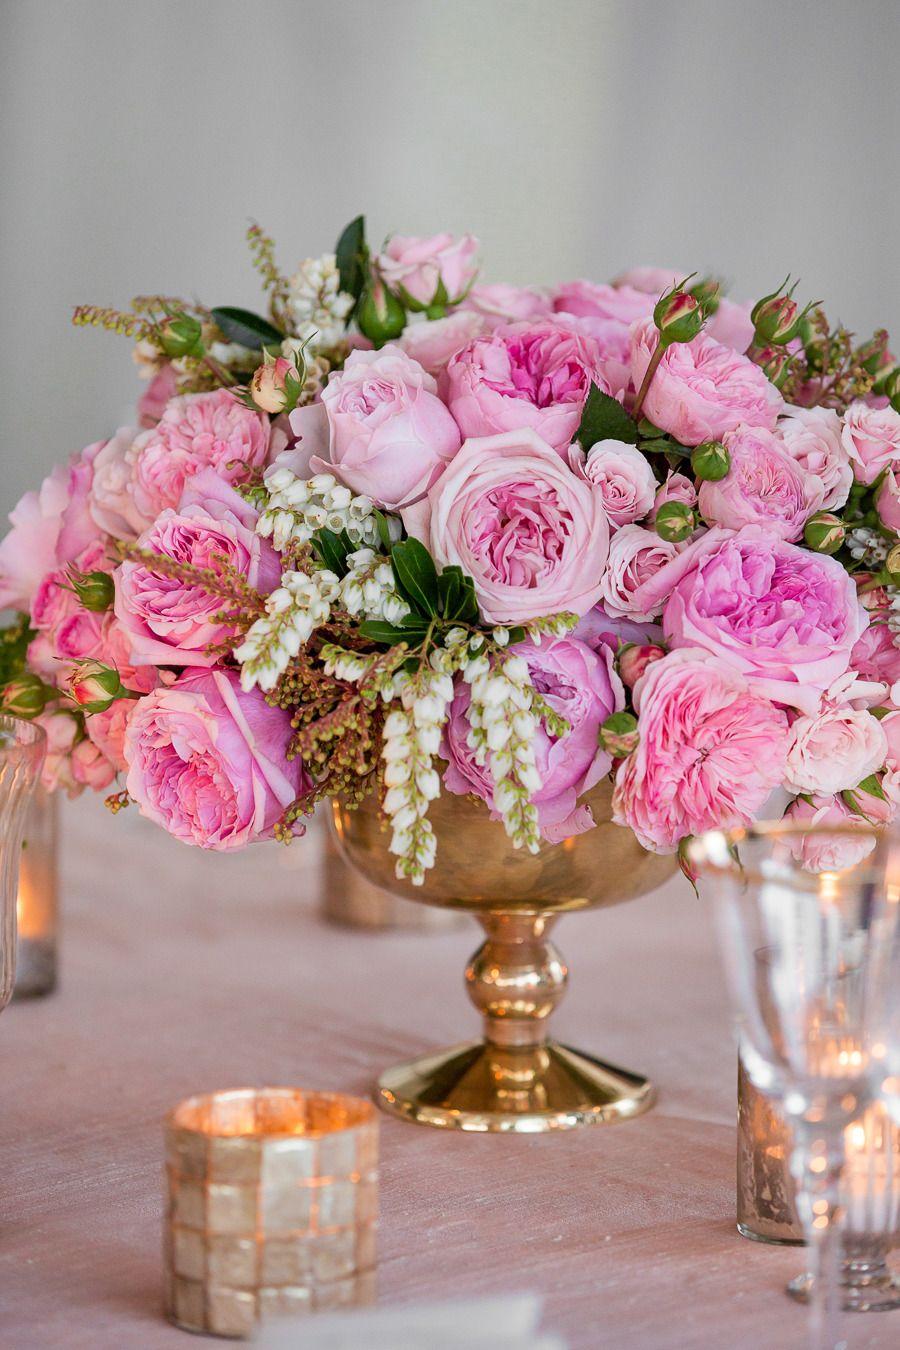 Arrangements Floraux Mariage Champetre : Classic military wedding arrangements floraux mariage